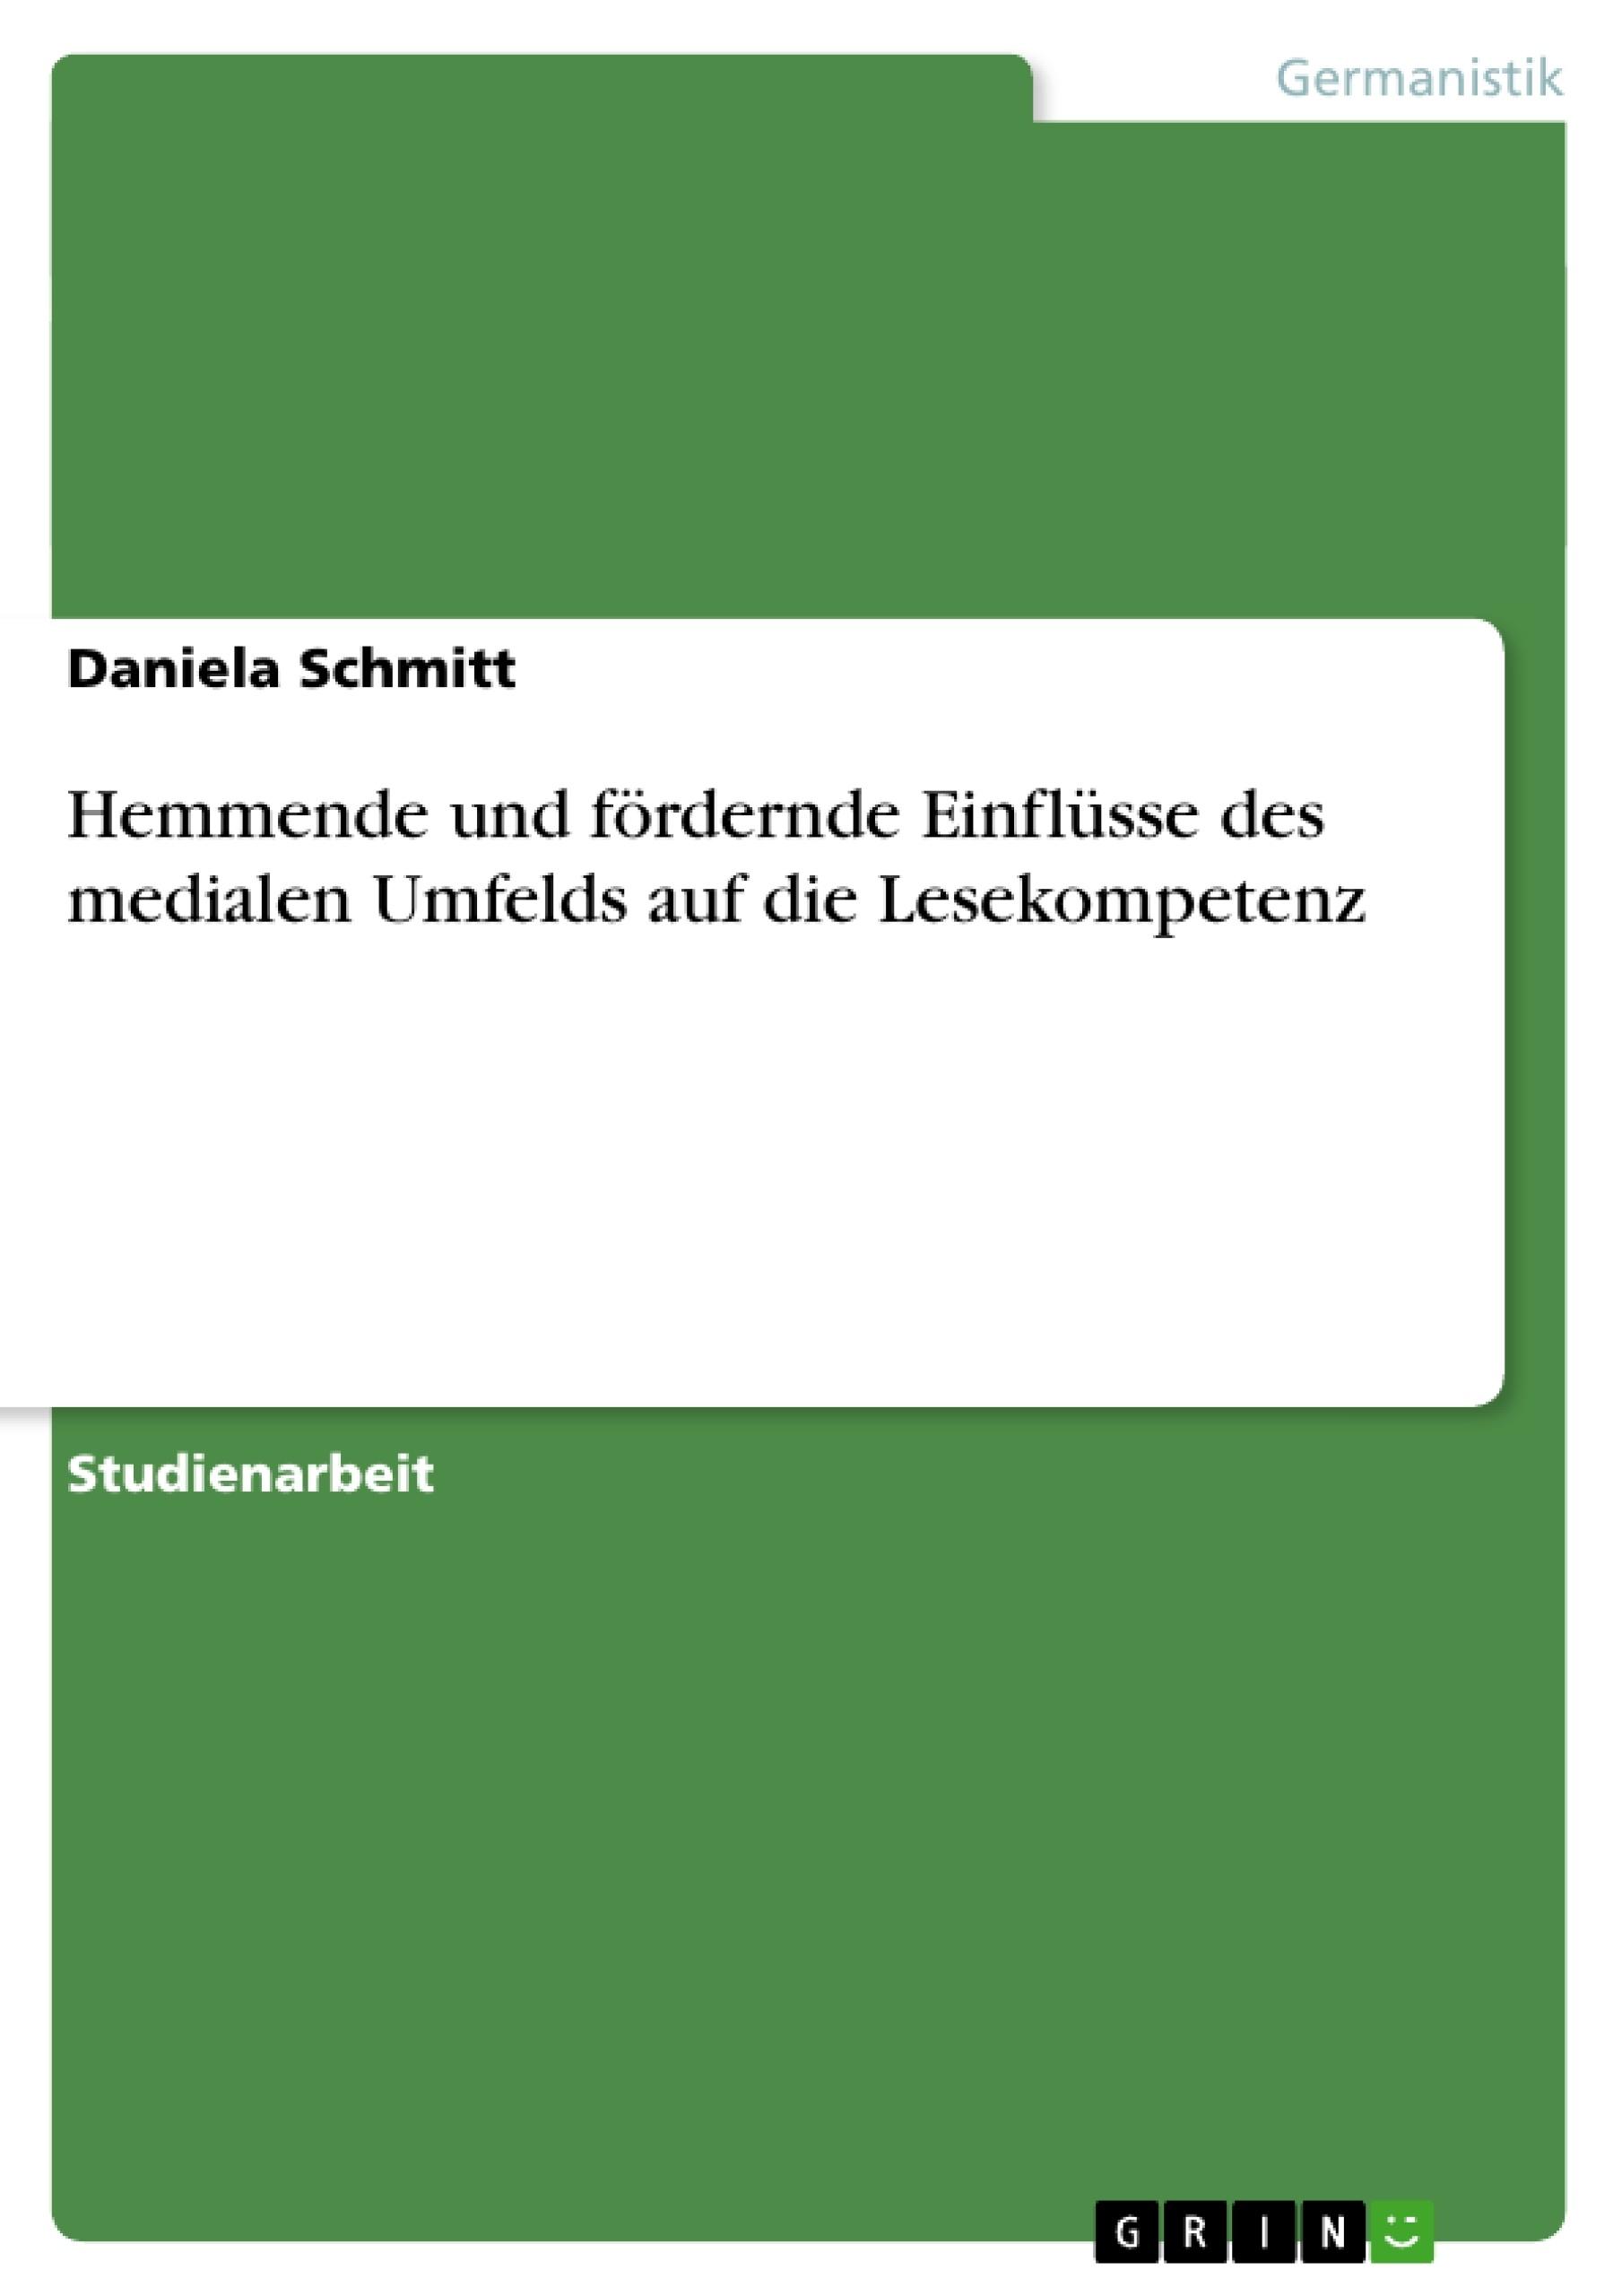 Titel: Hemmende und fördernde Einflüsse des medialen Umfelds auf die Lesekompetenz